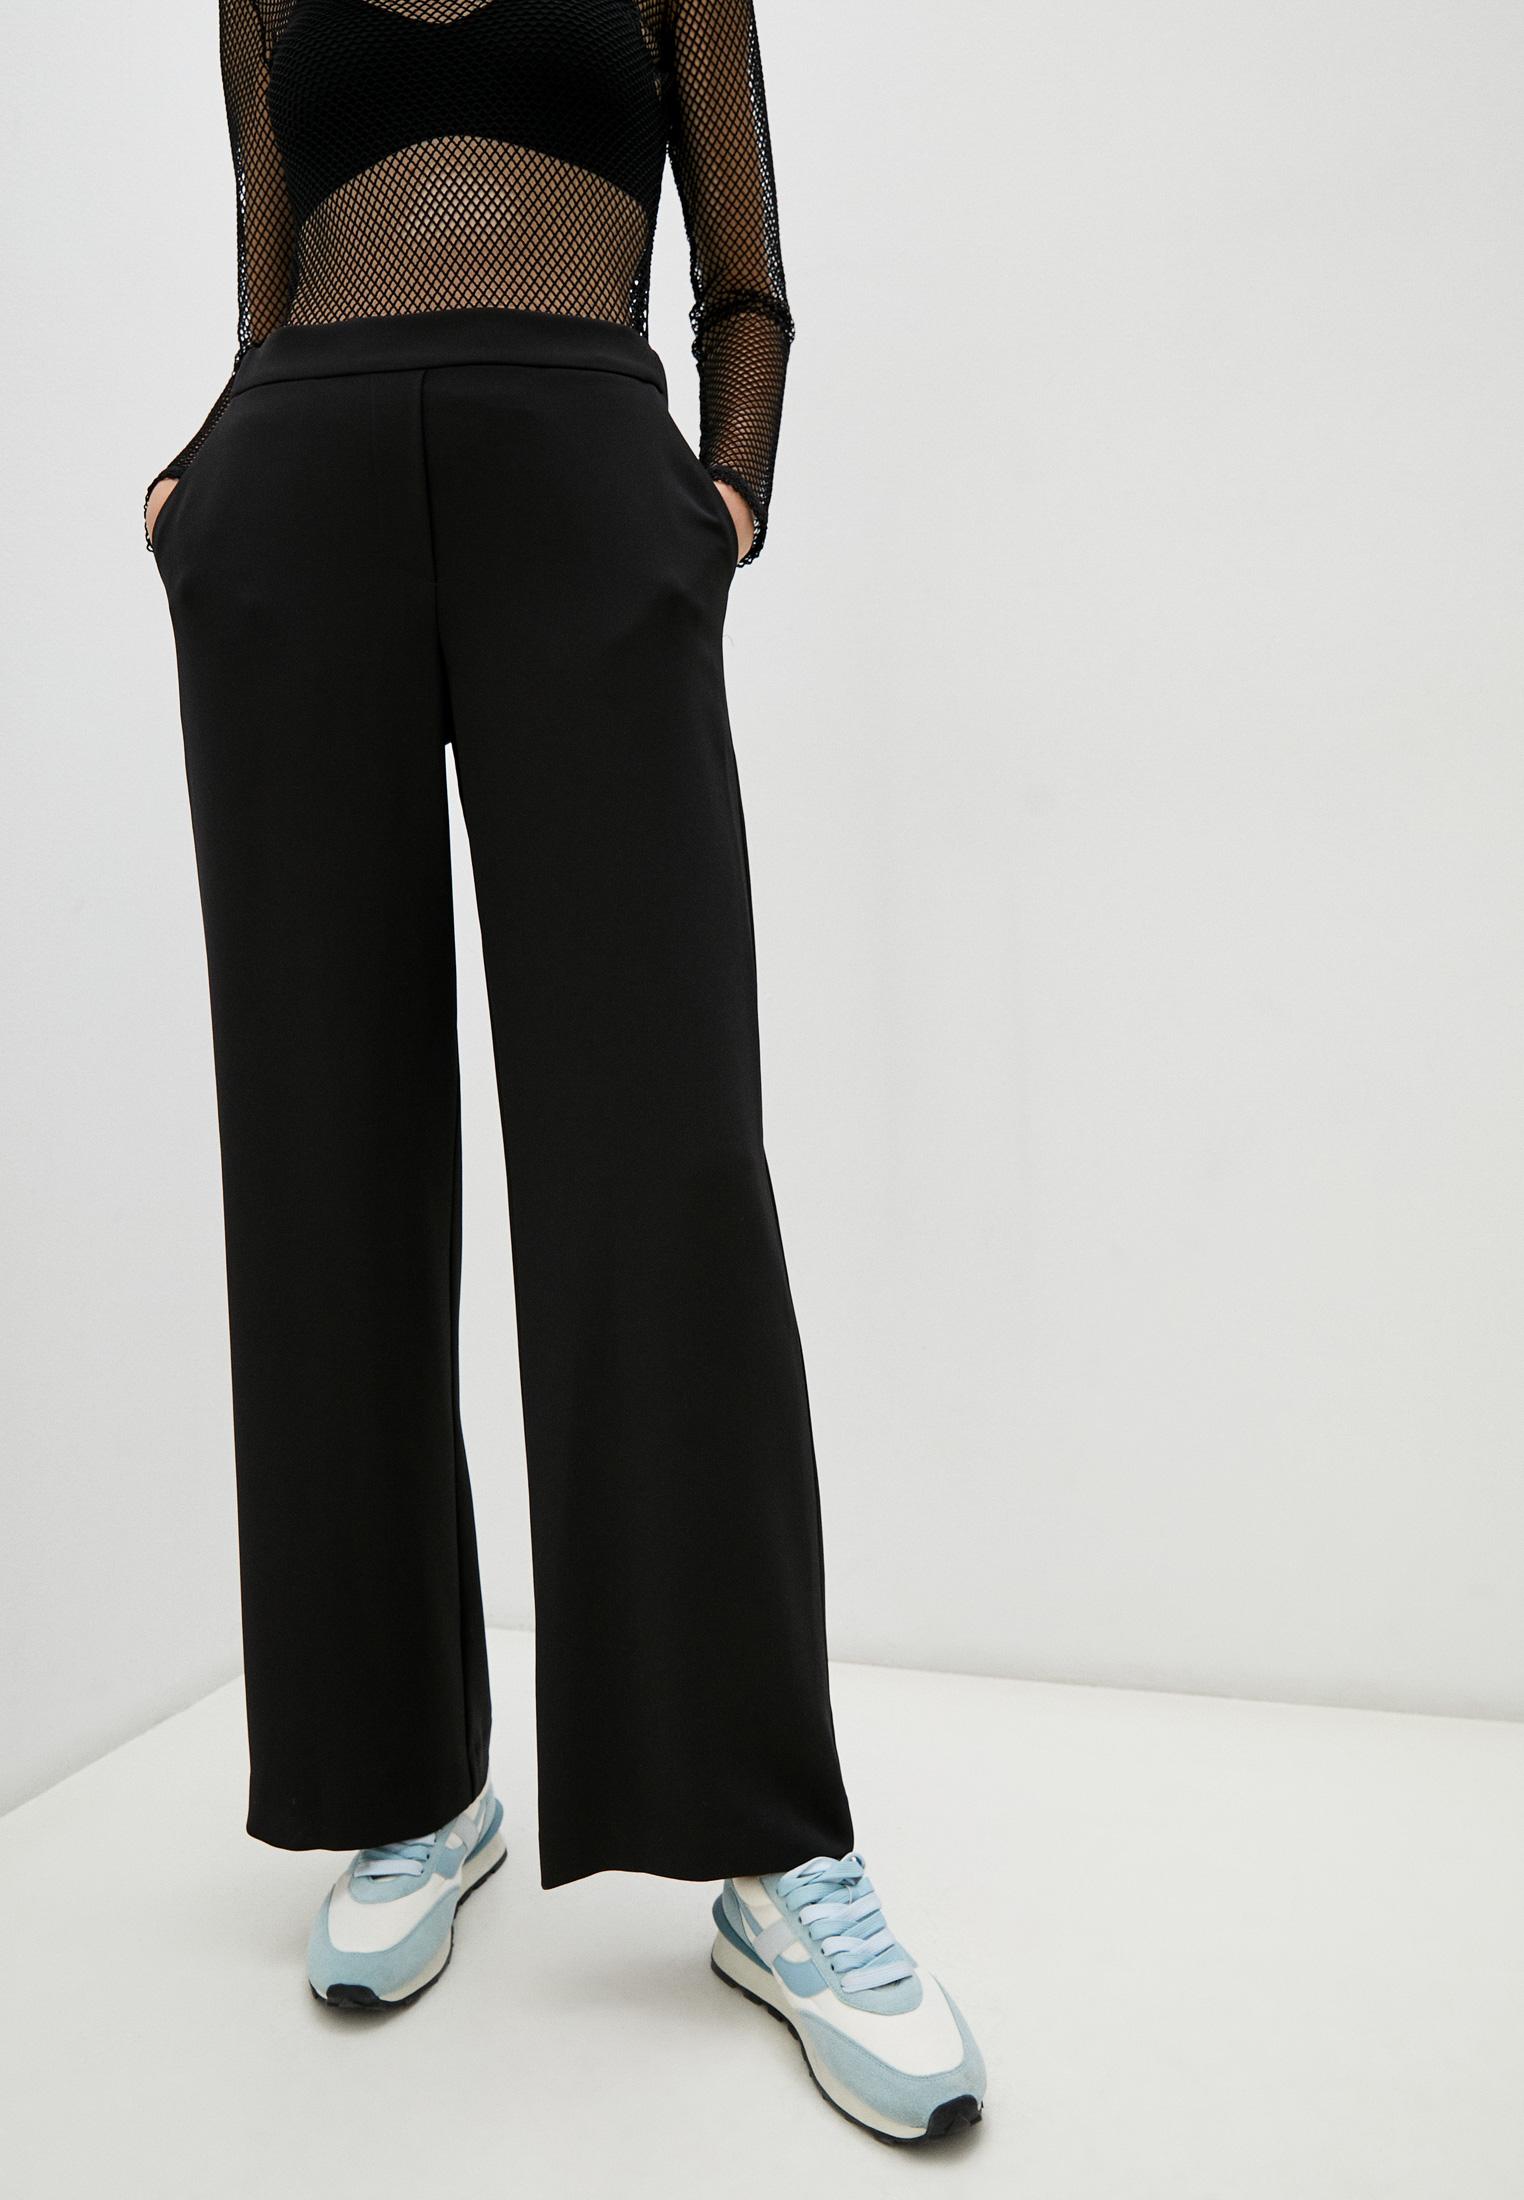 Женские классические брюки P.A.R.O.S.H. Брюки P.A.R.O.S.H.